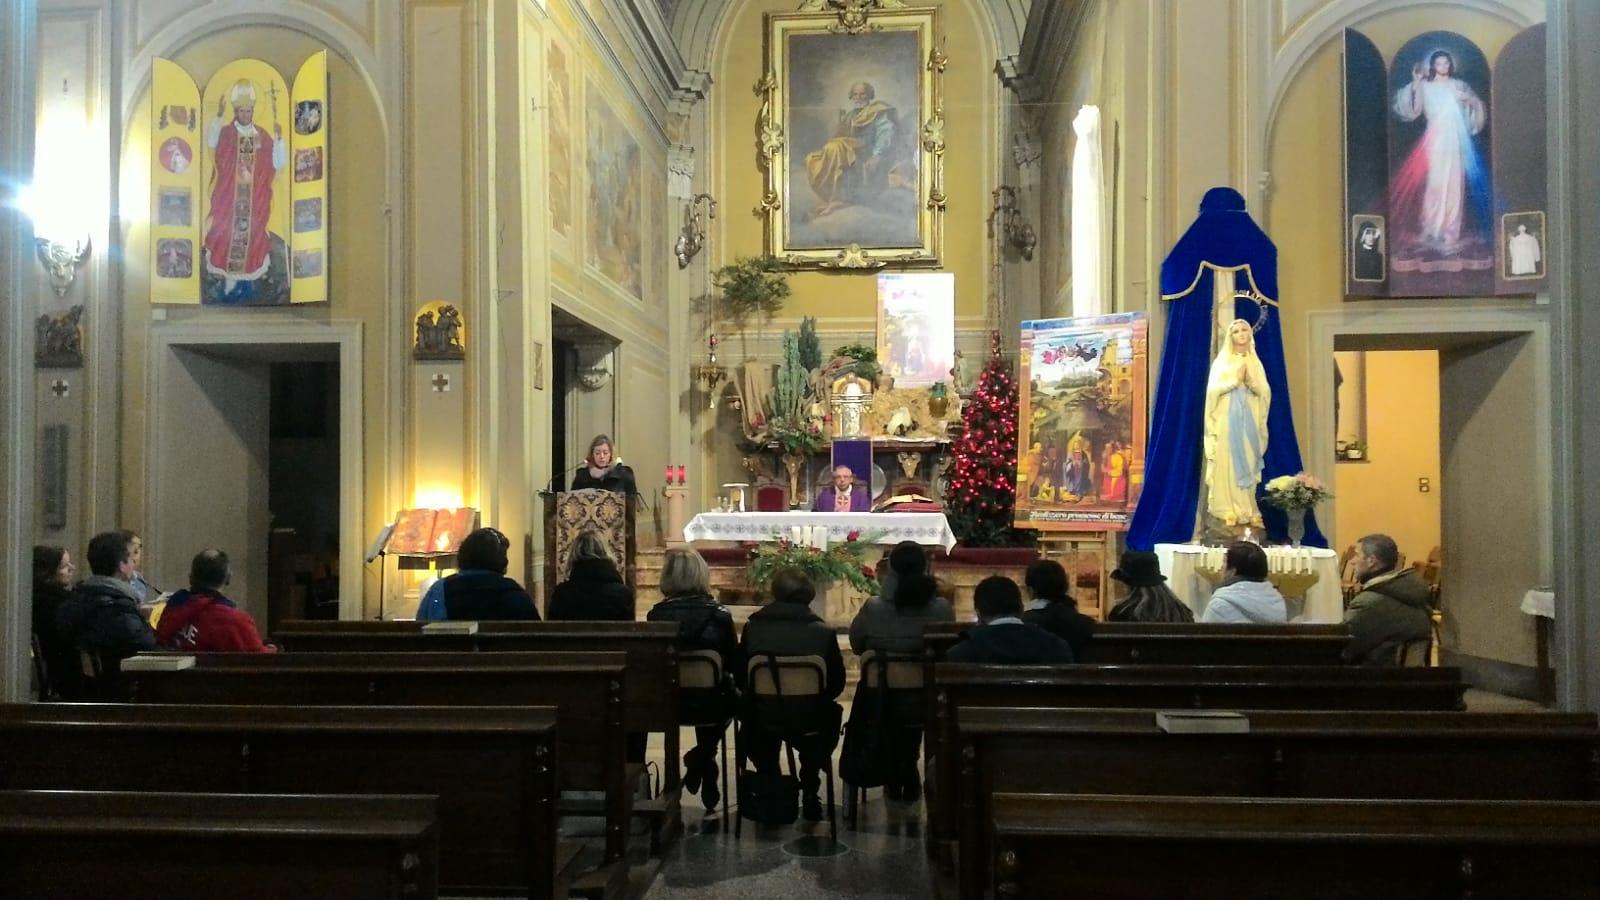 Gruppo di preghiera galleria riassuntiva (4)